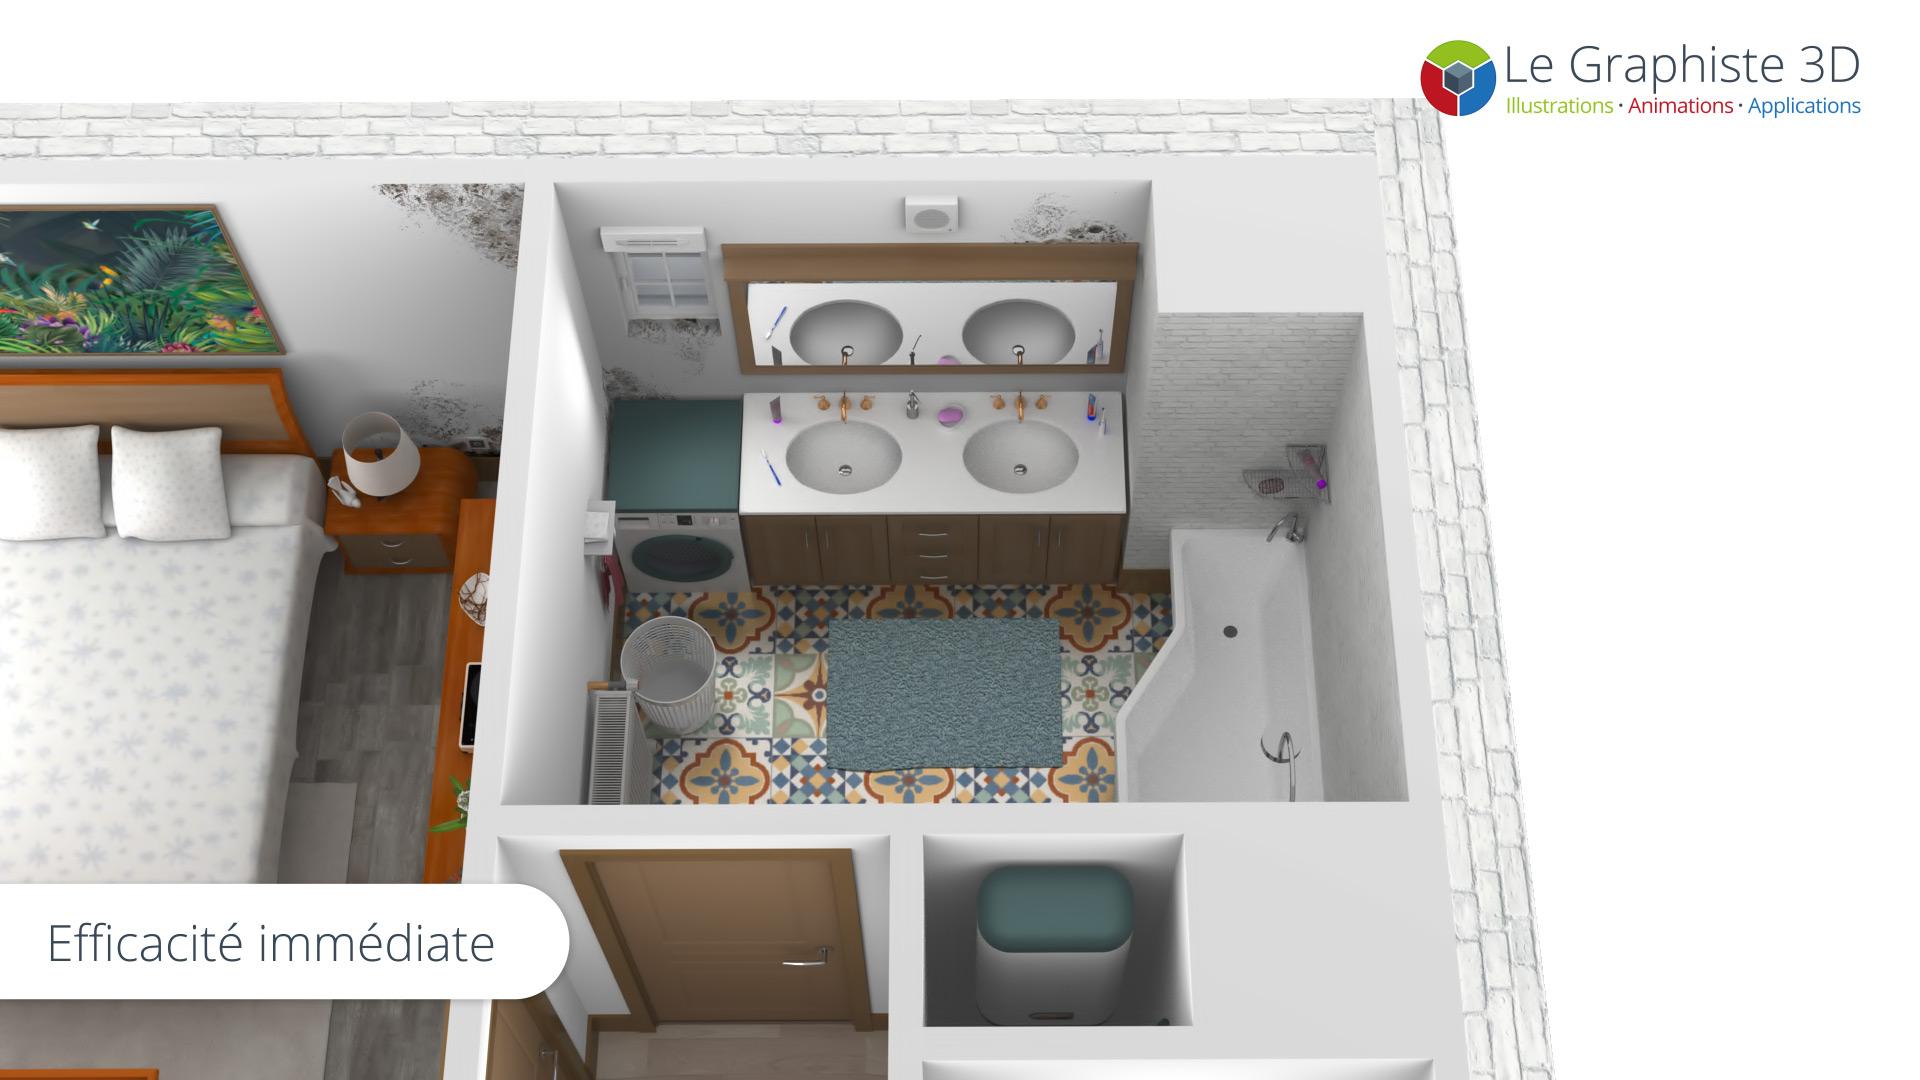 Salle de bain de l'appartement réalisé en 3D